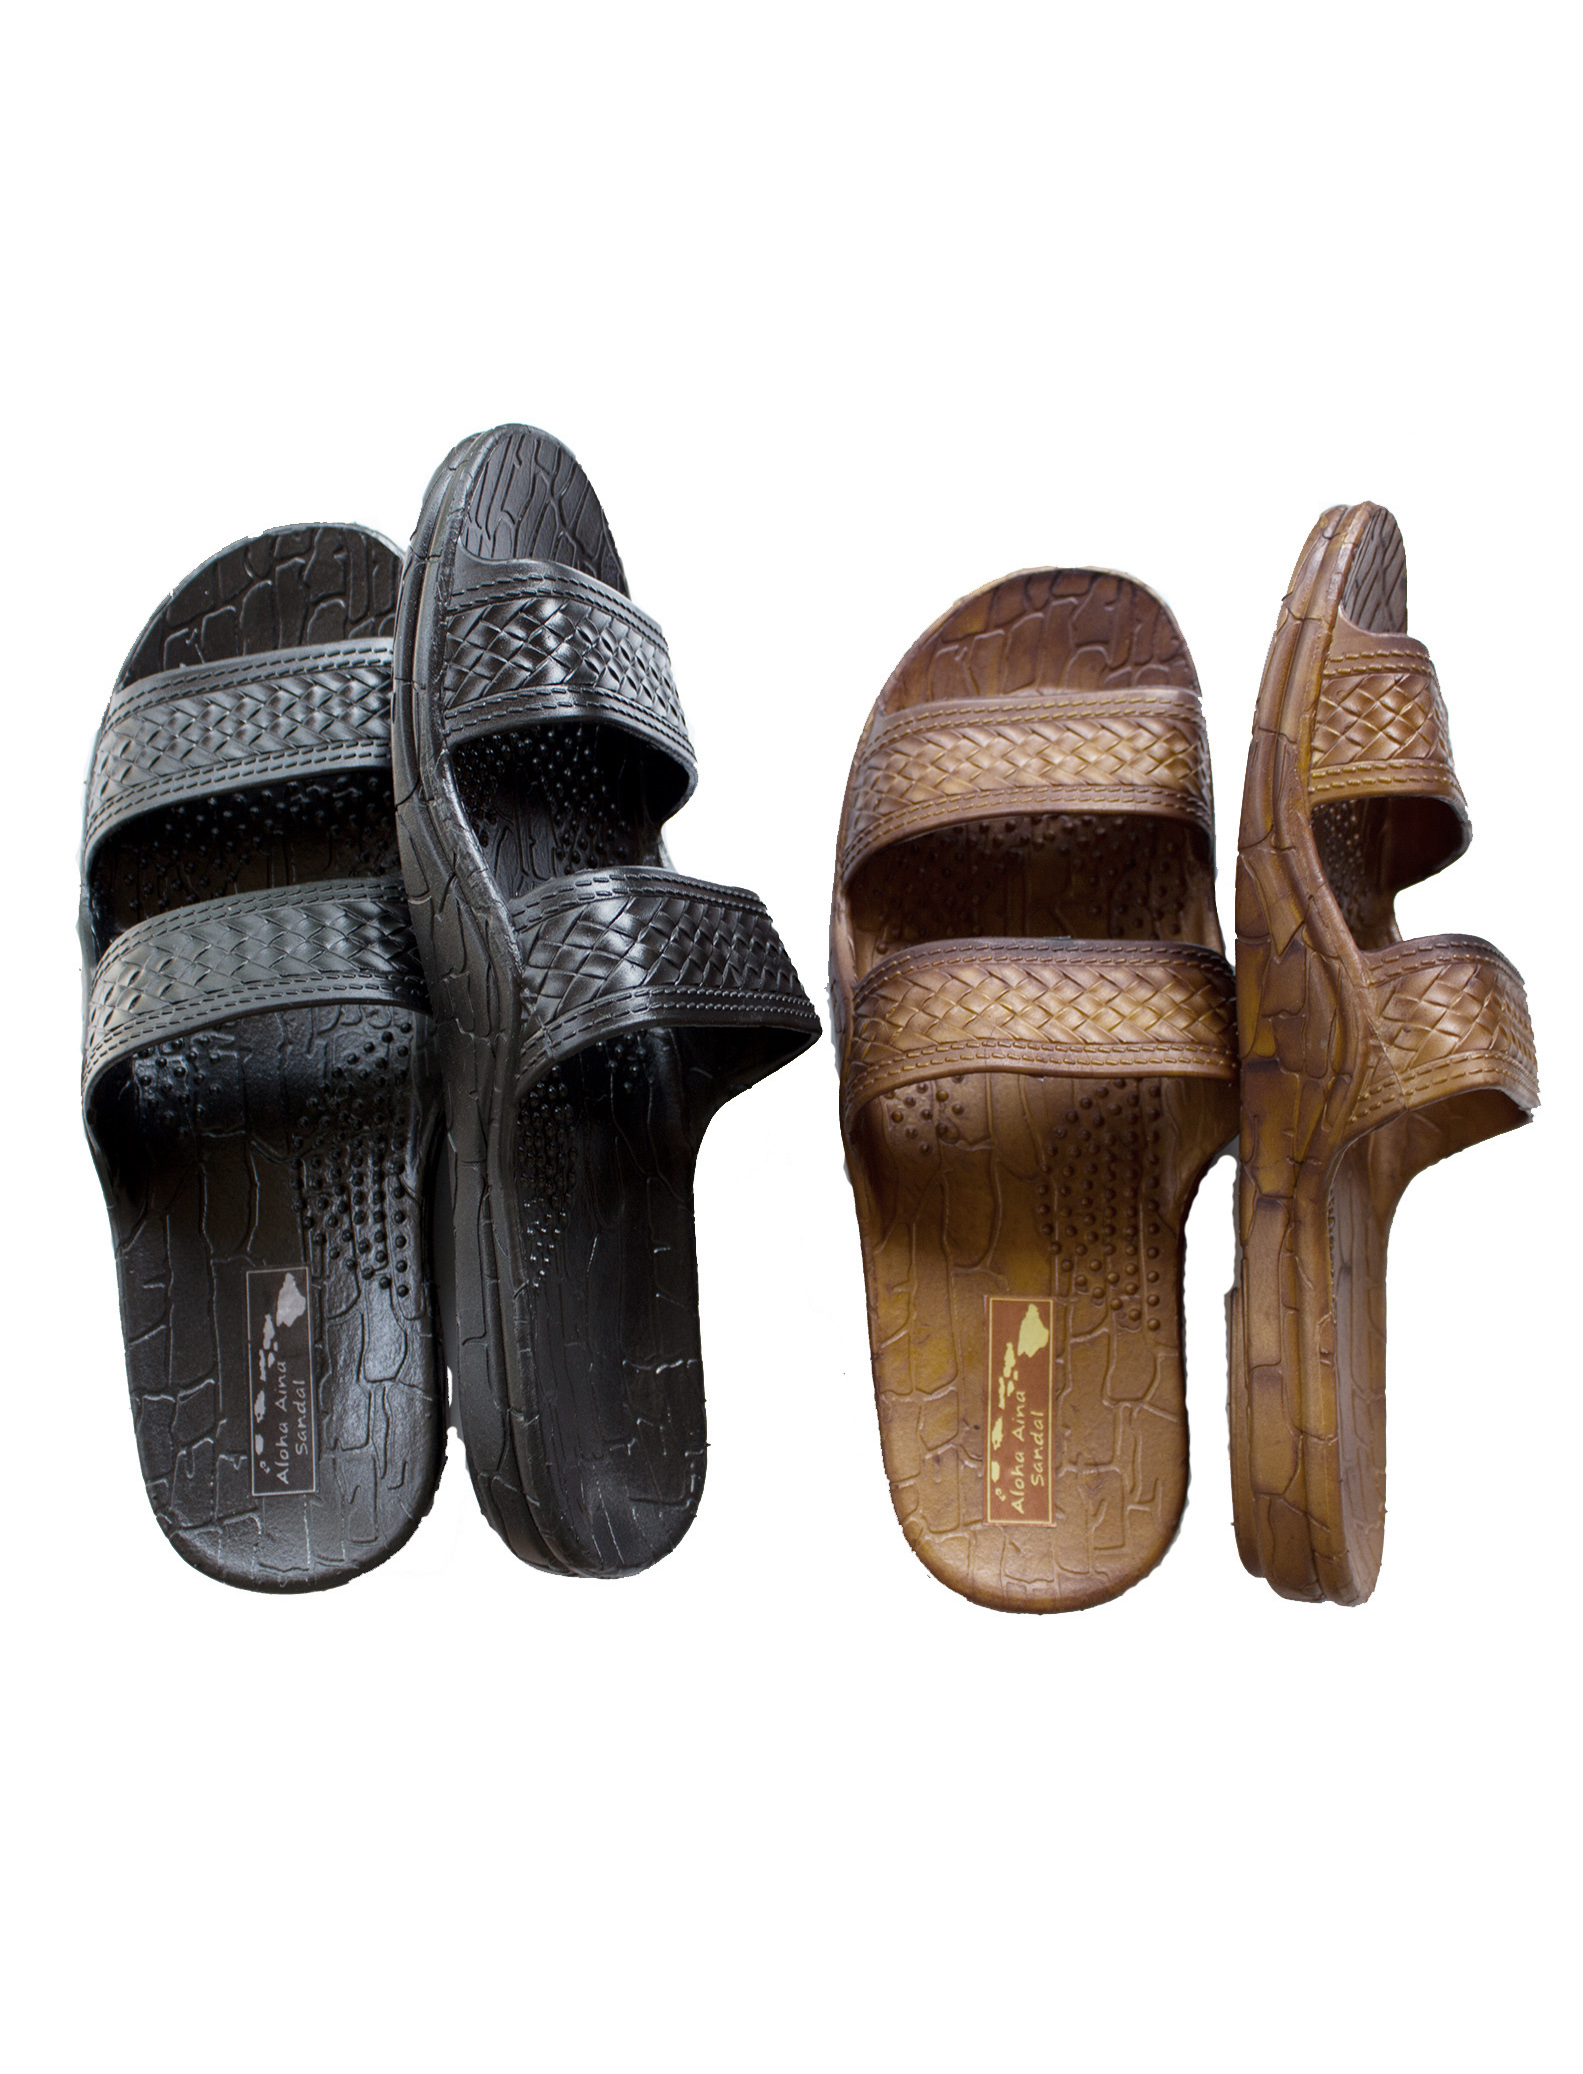 e1943458e Aloha Aina Sandal - Hawaii Brown and Black Jesus Sandals for Kids ...